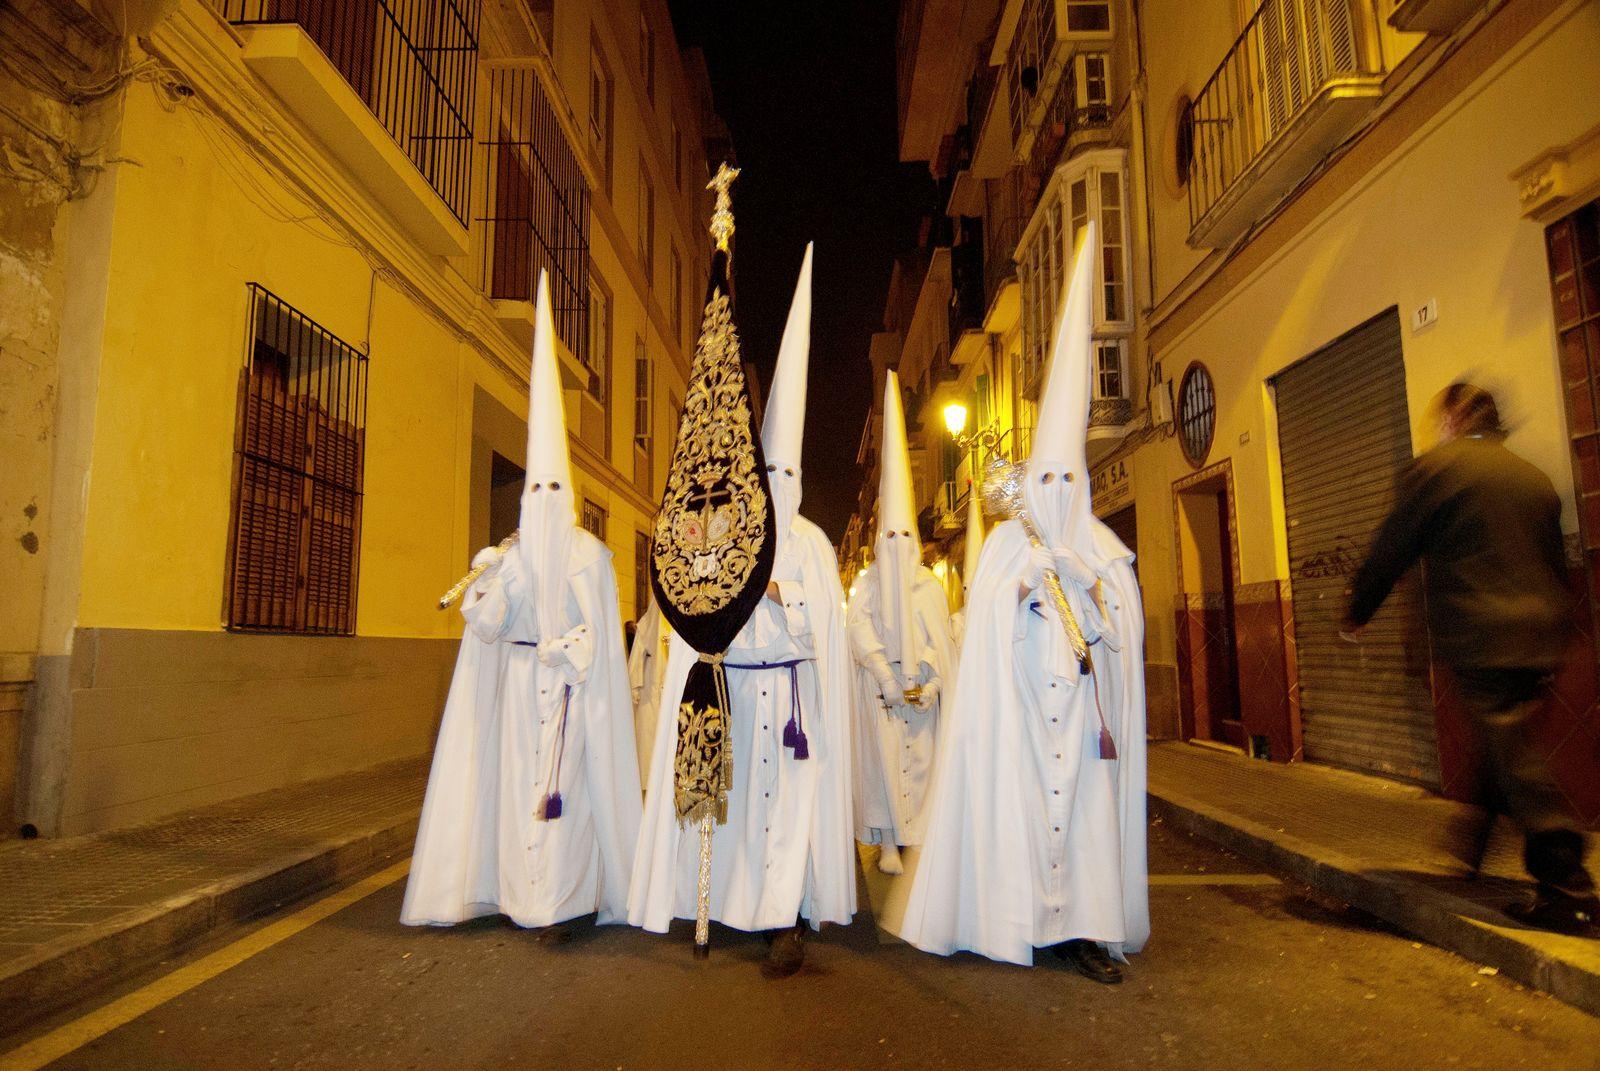 NICHT MEHR VERWENDEN! - EINMALIGE VERWENDUNG Reiseziele/ März/ Semana Santa Fiesta